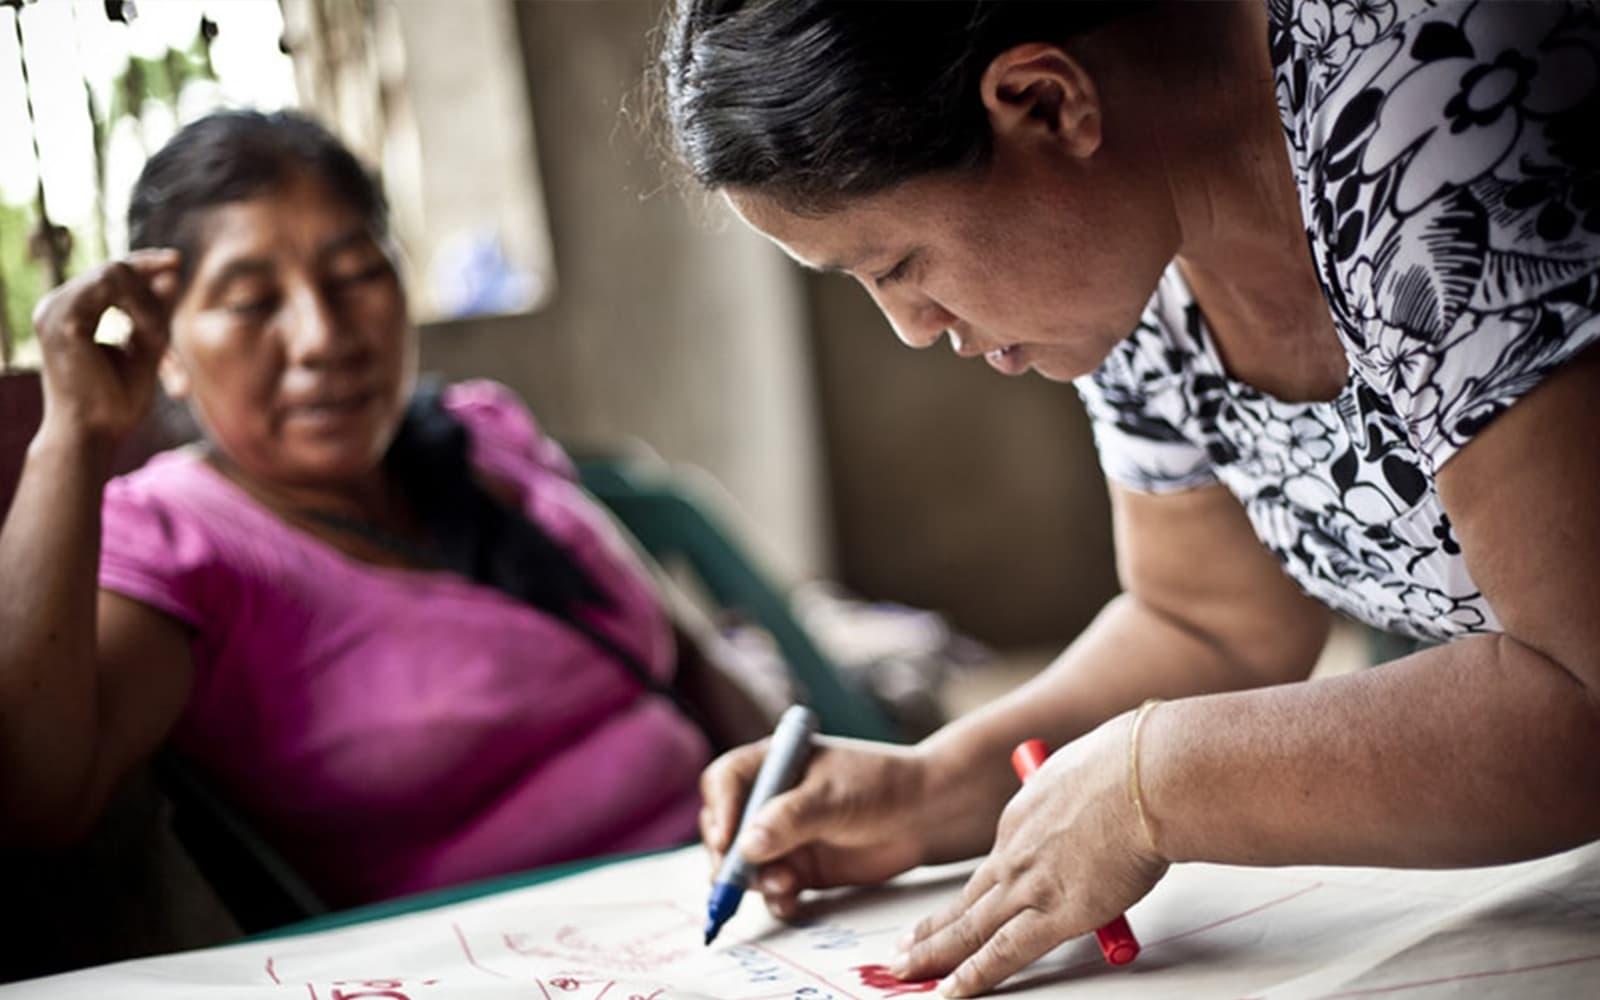 Deux femmes travaillent à l'élaboration d'un projet